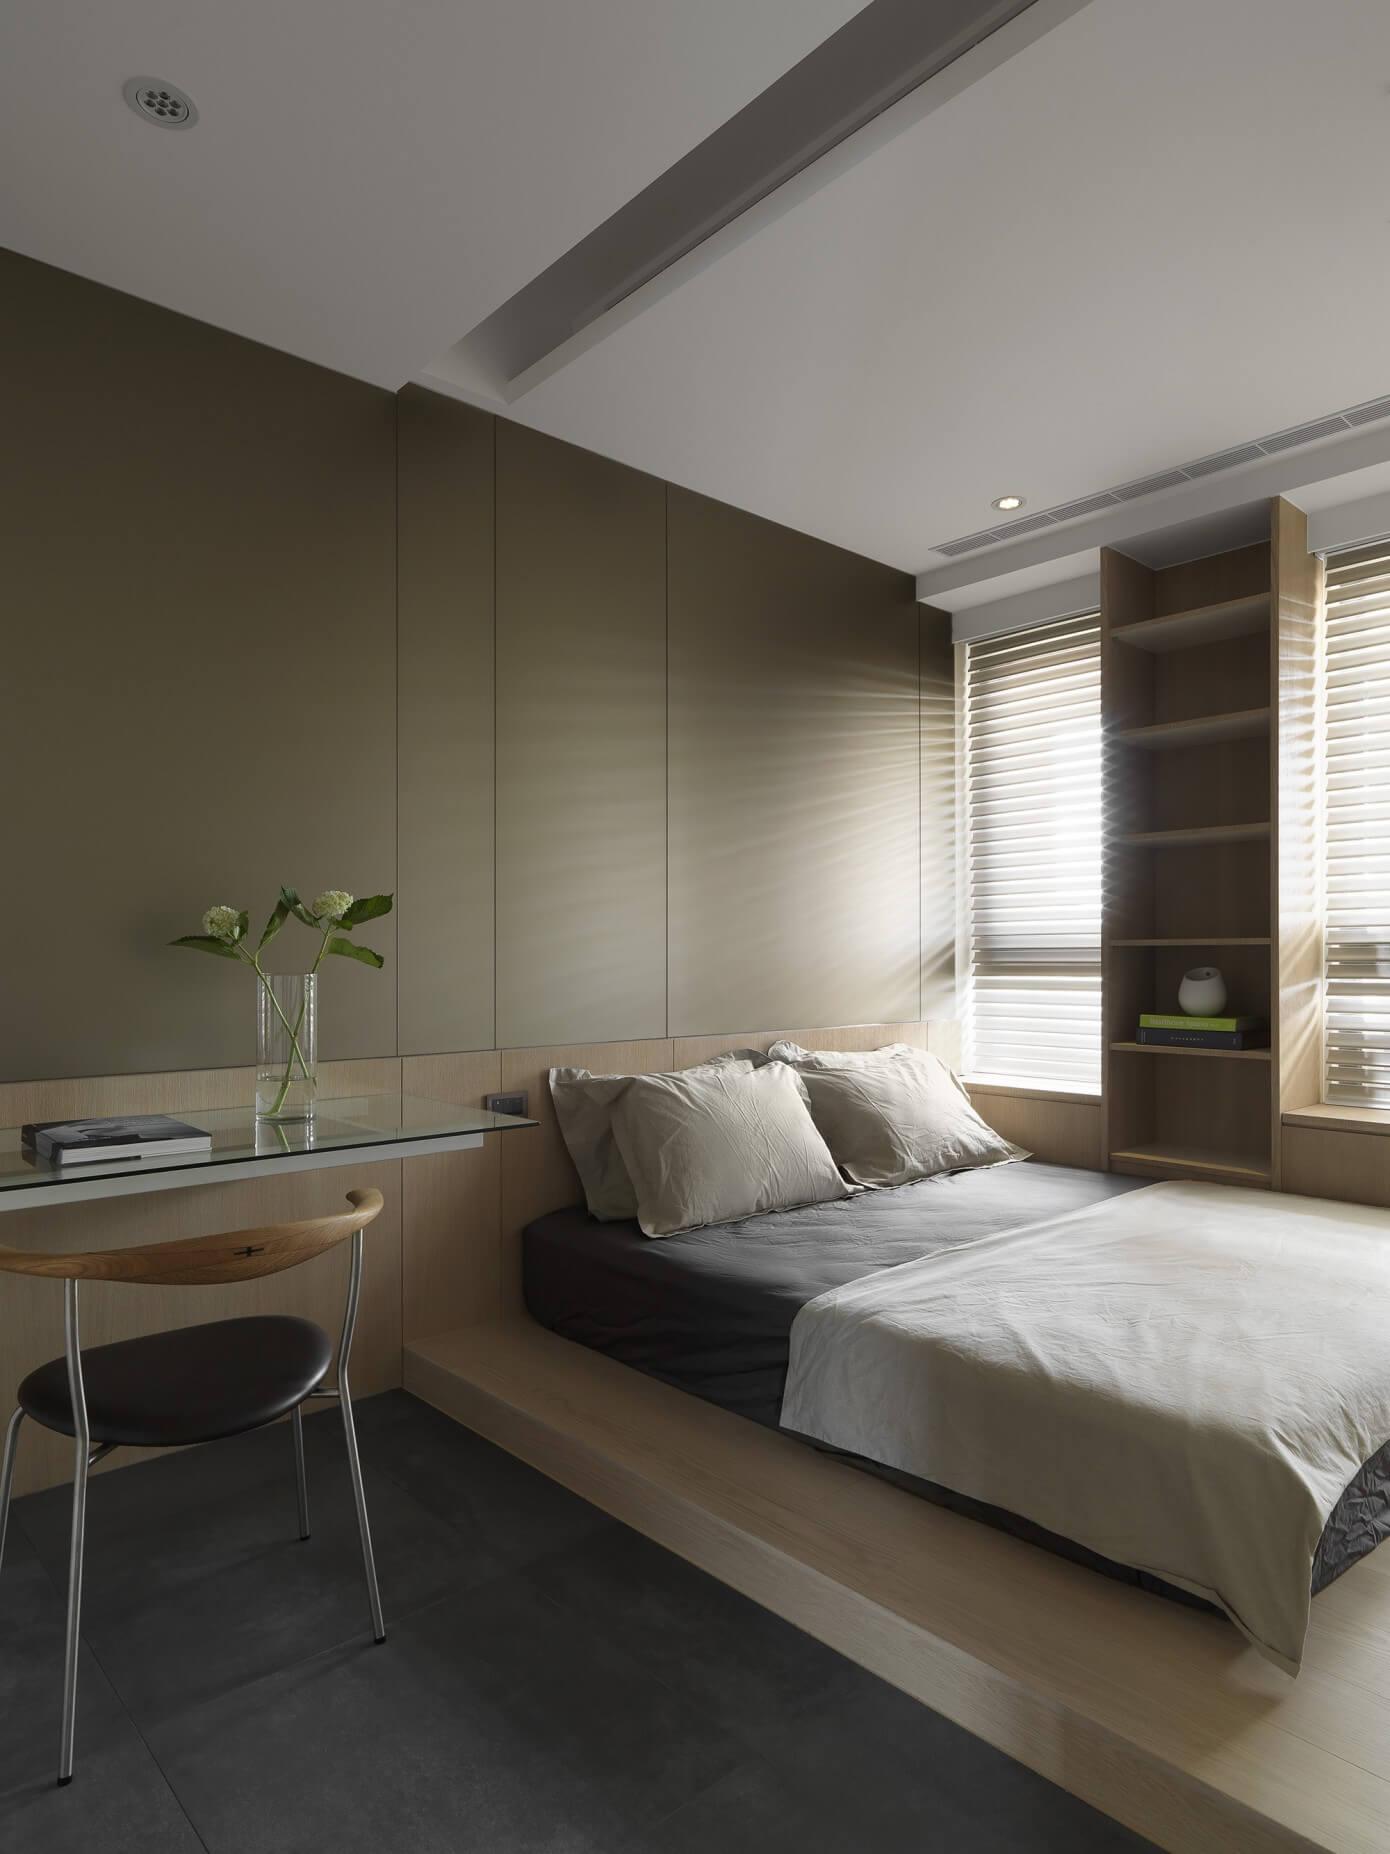 小上がり的に一段高くなったエリアのあるベッドルーム